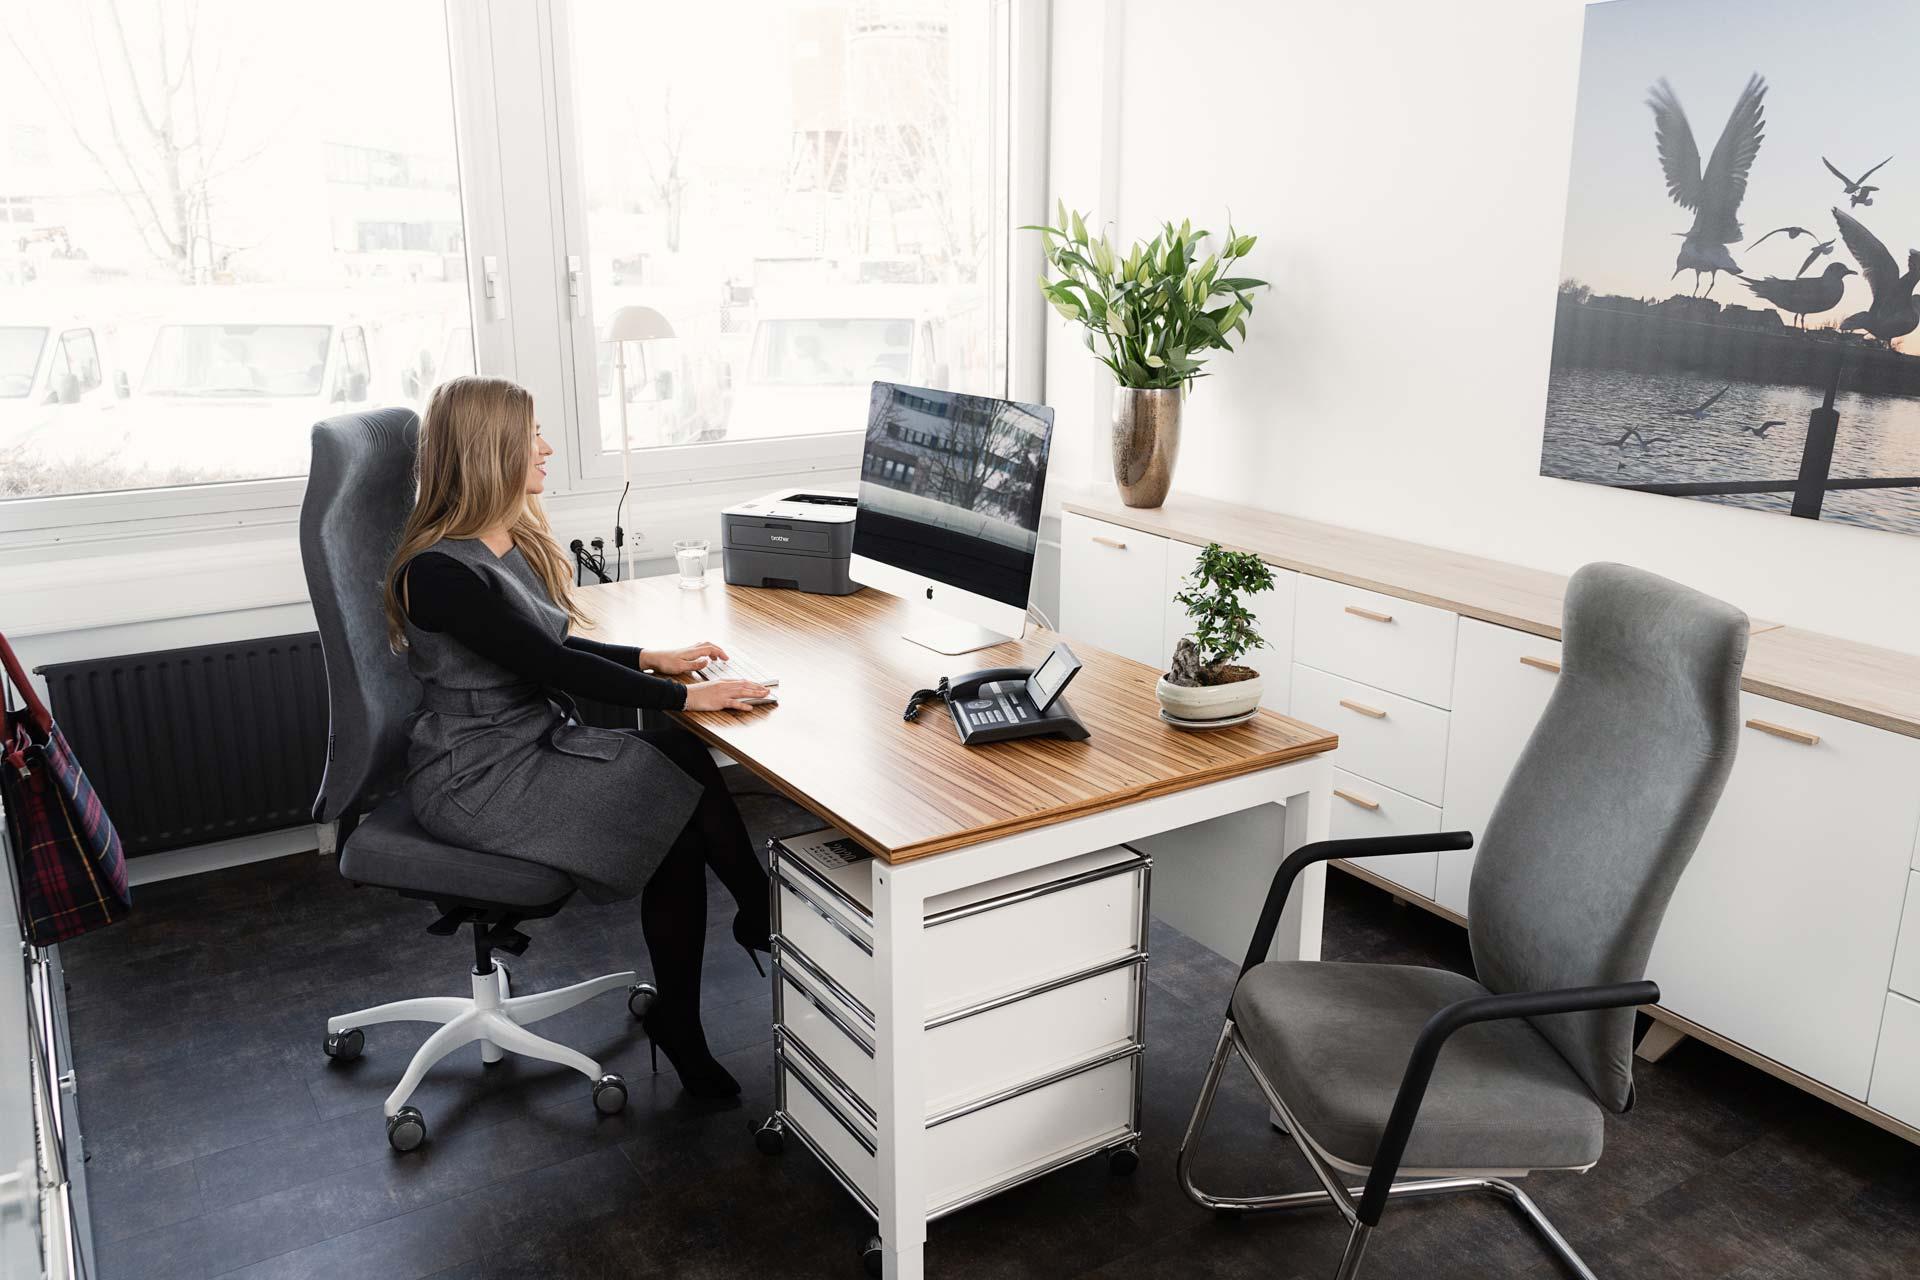 Jetzt unverbindlich Probesitzen – Testen Sie kostenfrei unseren Ergonomie-Bürostuhl! Überzeugen Sie sich direkt an Ihrem Arbeitsplatz von der Qualität und machen Sie den Alltagstest.